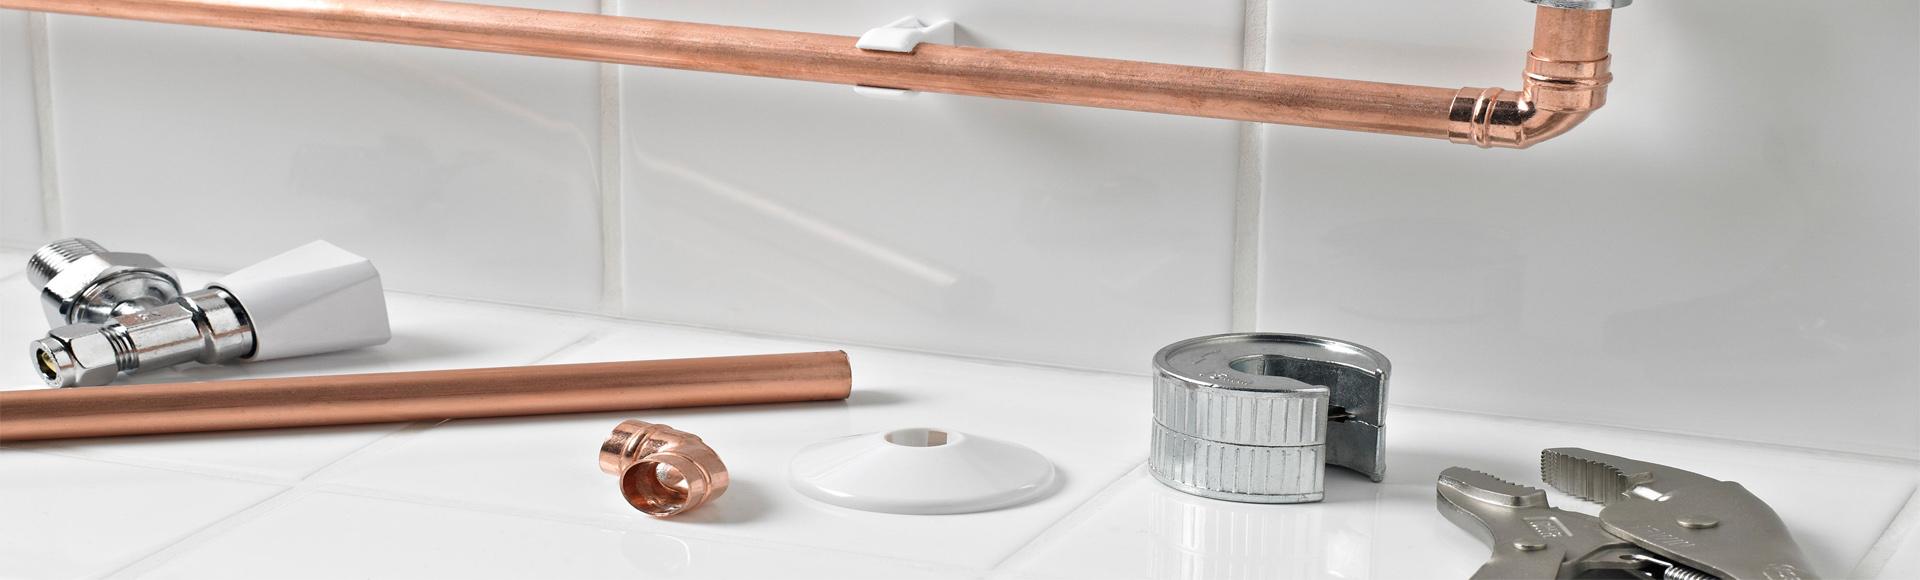 Υδραυλικές εγκαταστάσεις ύδρευσης κρύου και ζεστού νερού, καθώς και επισκευές σωληνώσεων ύδρευσης με τα κατάλληλα και σύγχρονα μέσα της αγοράς.